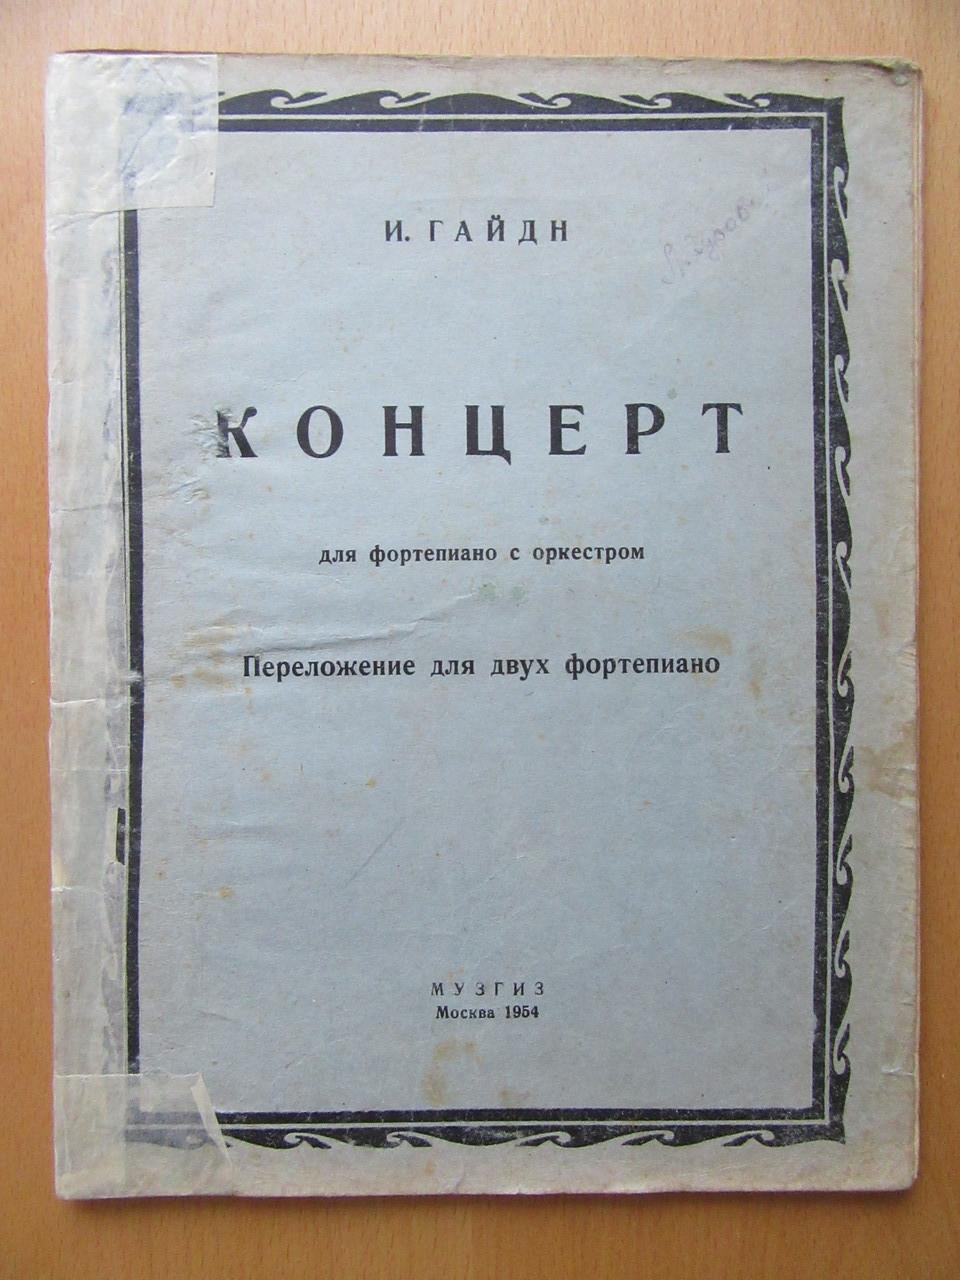 И.Гайдн. Концерт для фортепиано с оркестром. Переложение для двух фортепиано. Музгиз 1954